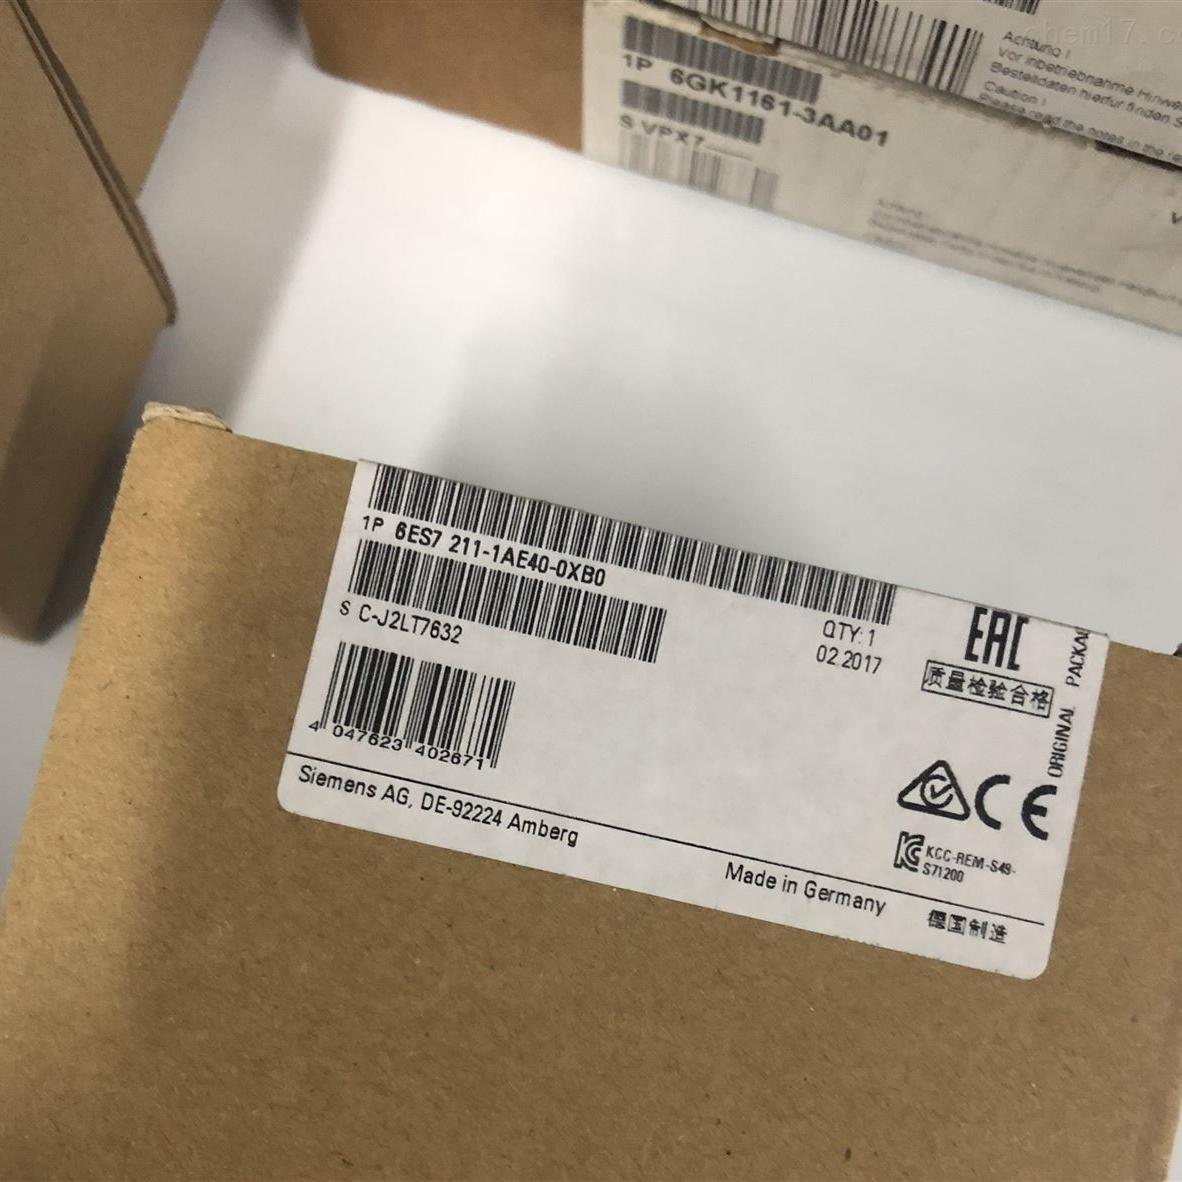 韶关西门子S7-1200CPU模块代理商